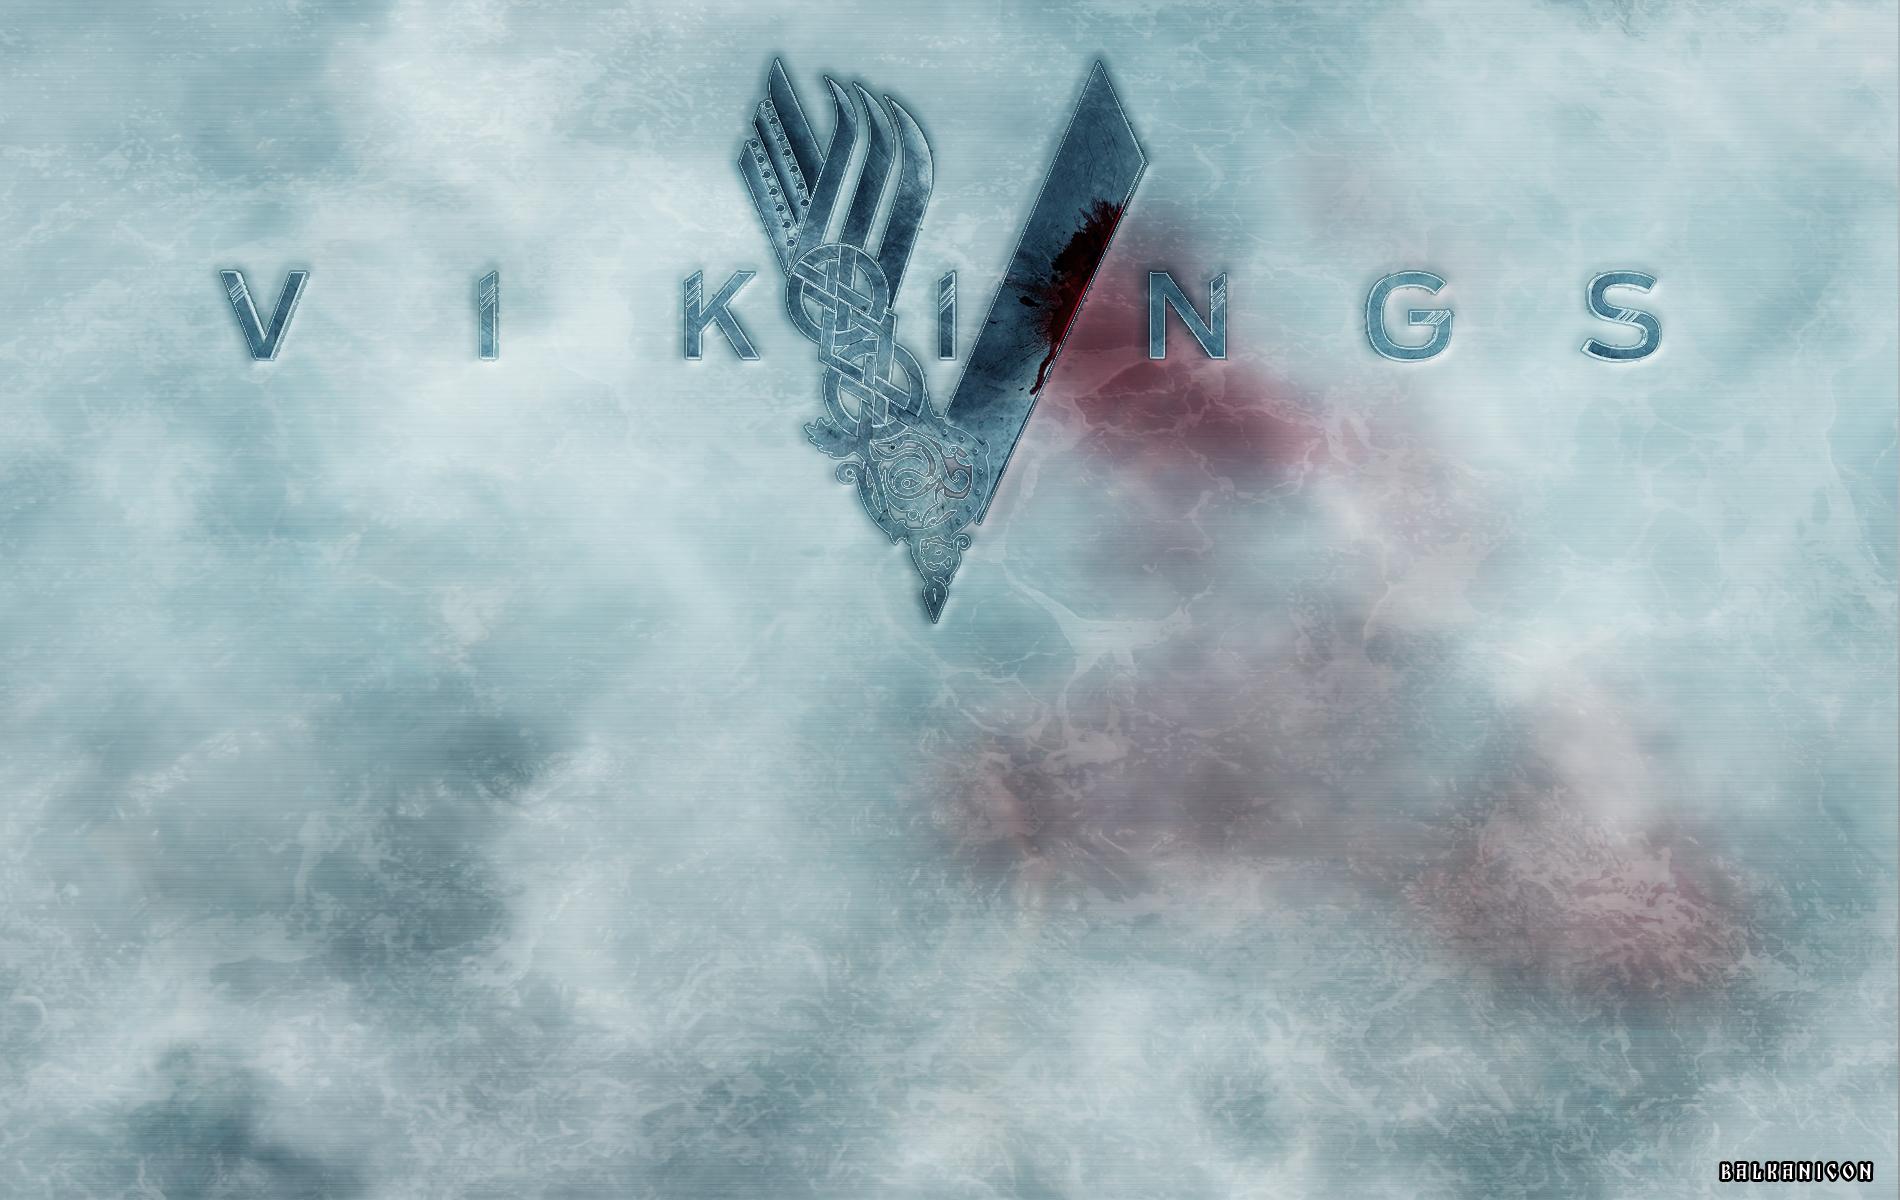 Vikings [TV series] wallpaper by Balkanicon 1900x1200